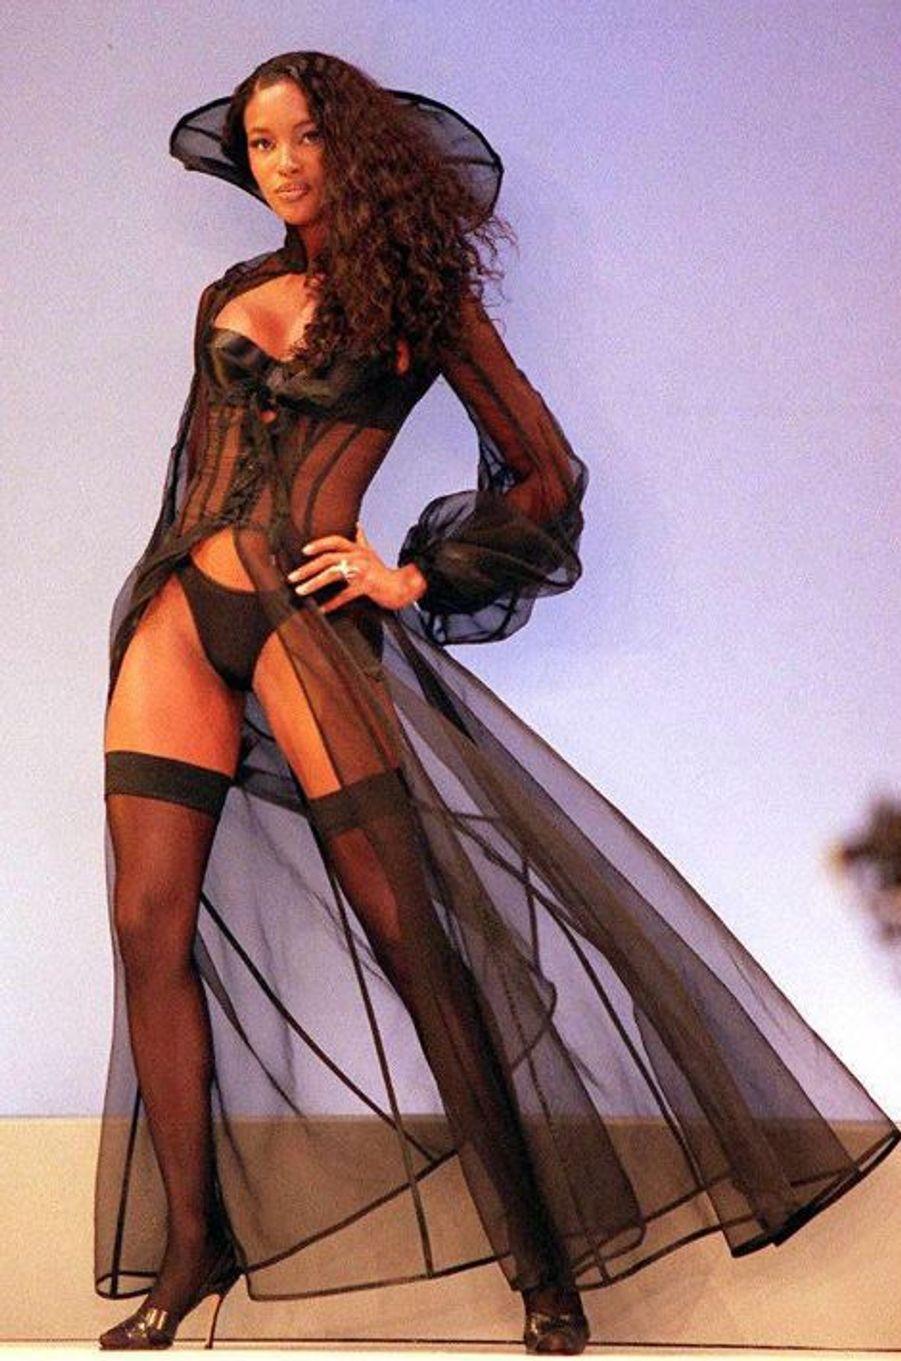 Le défilé de la marque Victoria's Secret en 1997 à New York (Naomi Campbell).